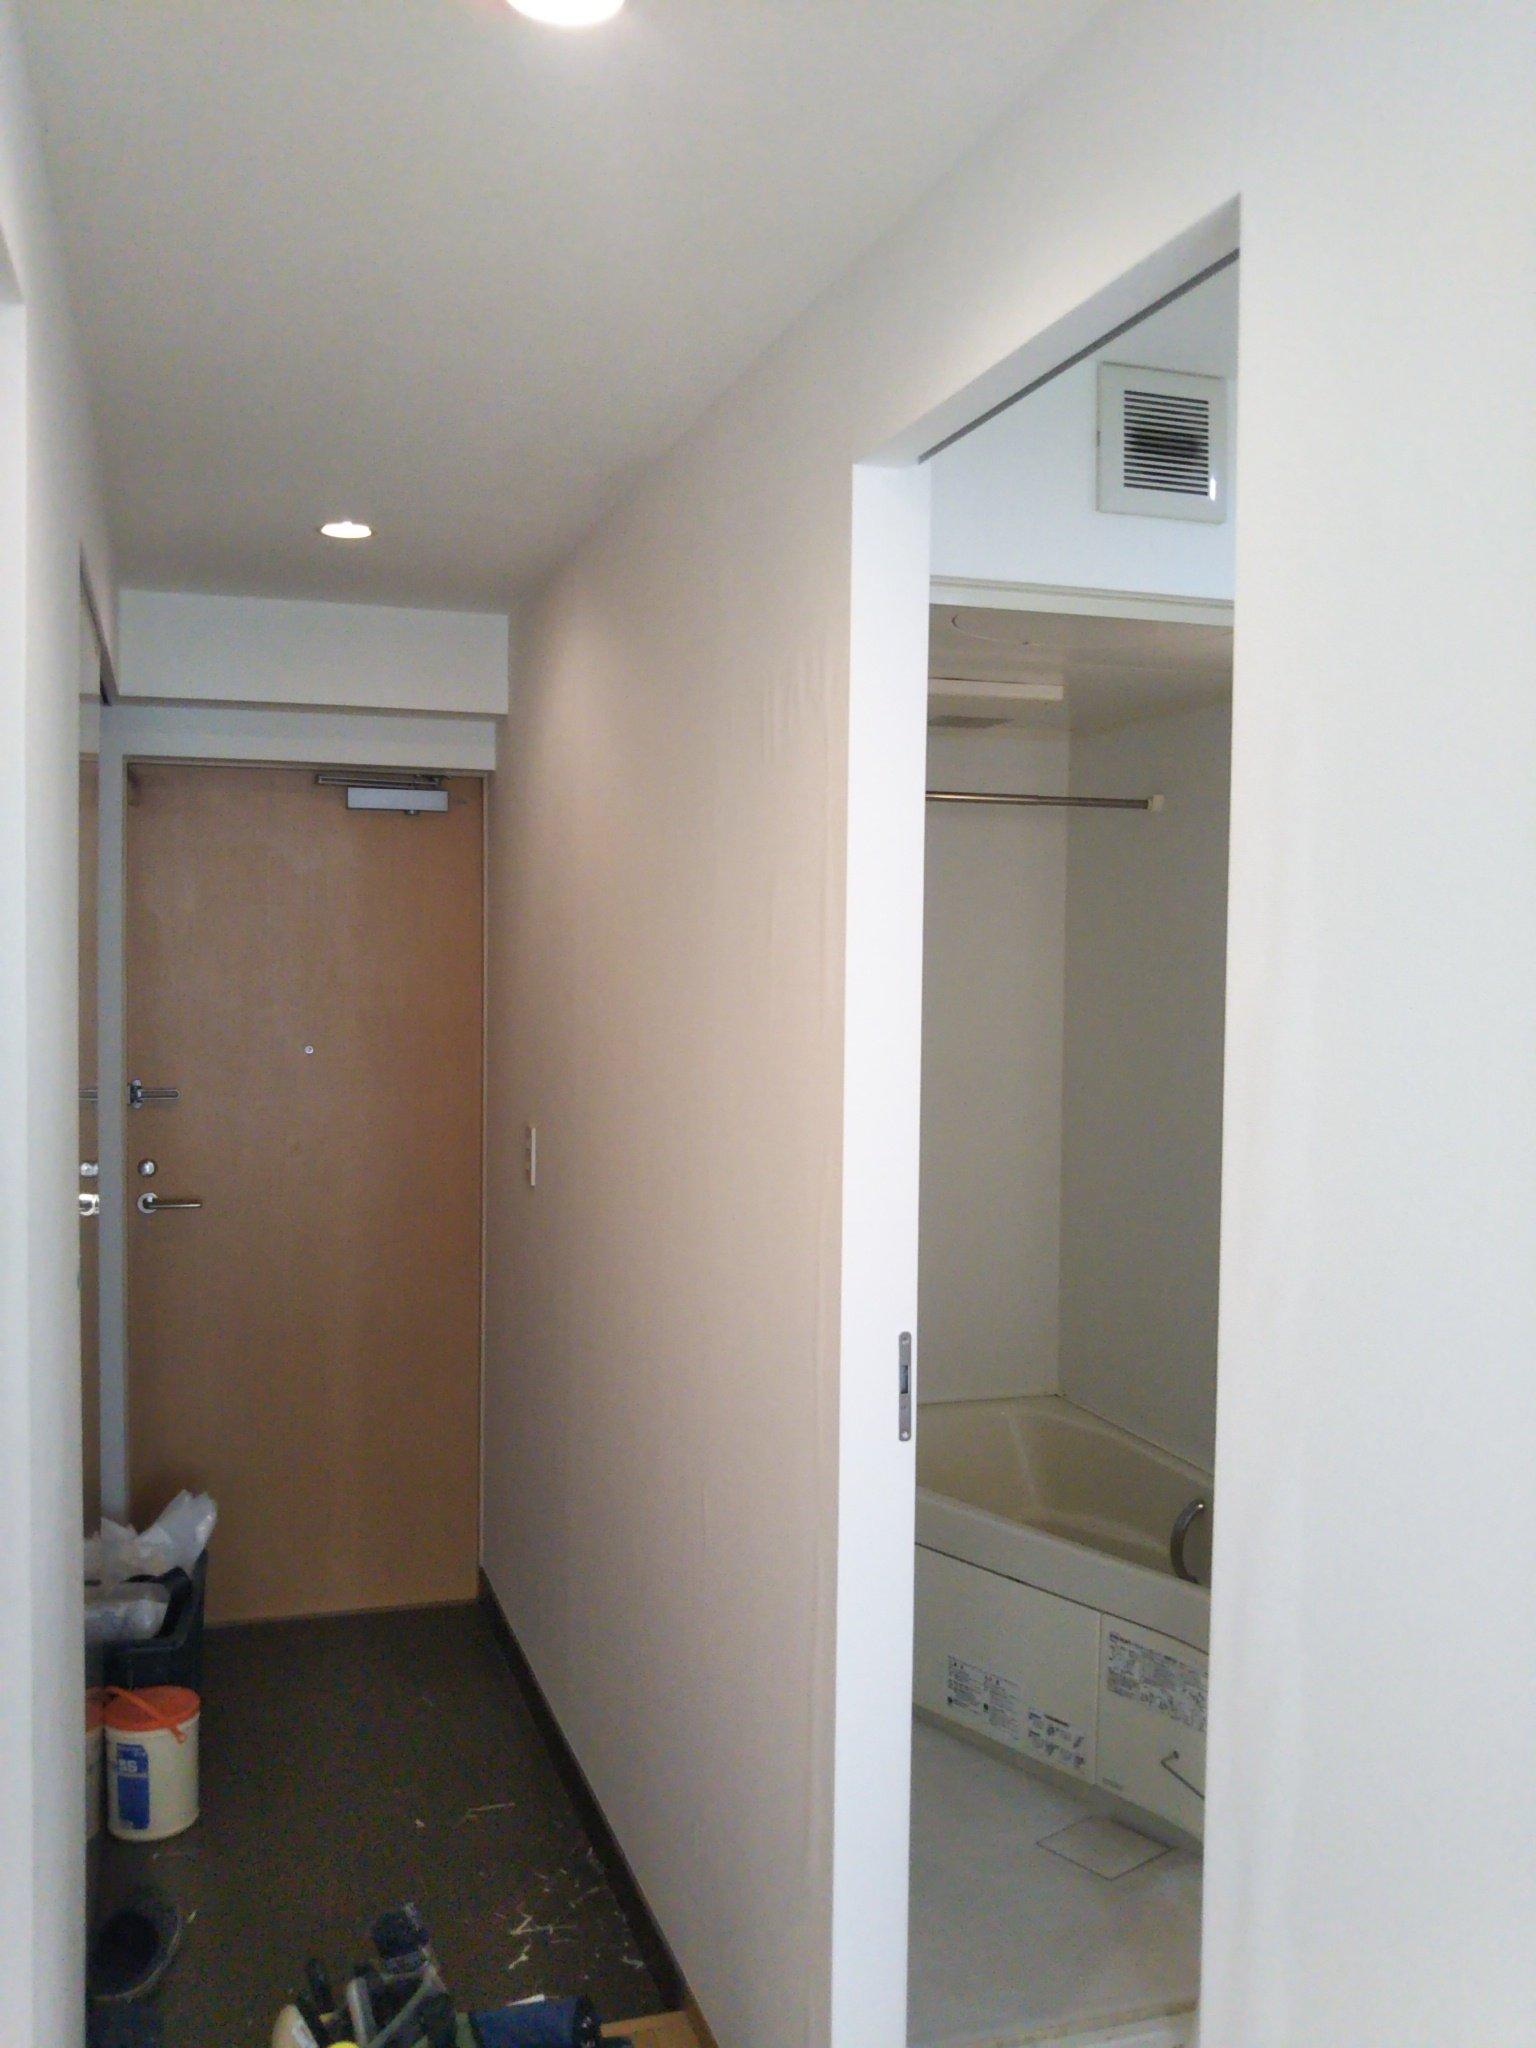 渋谷区代々木 賃貸アパートの壁紙補修 壁紙なら北区赤羽インテリア